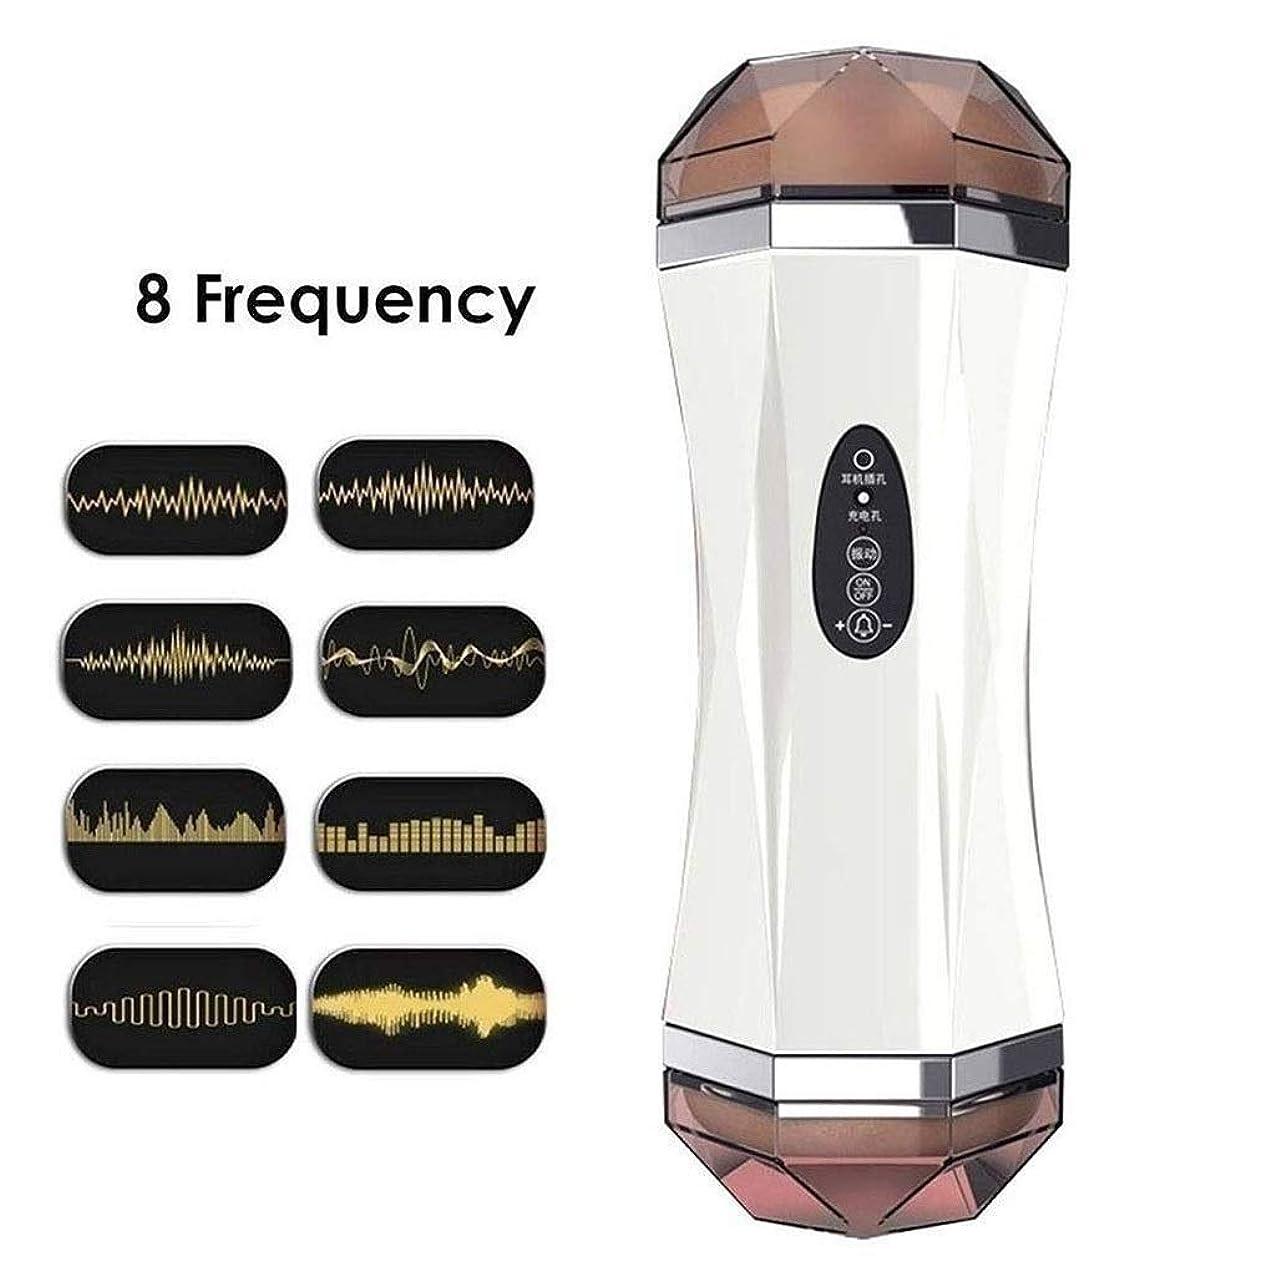 意識希望に満ちたイブ男性USB充電式インテリジェントハンズフリーオートオーラルカップ誘発ディープスロート自動吸いマッサージャーTシャツを吸います